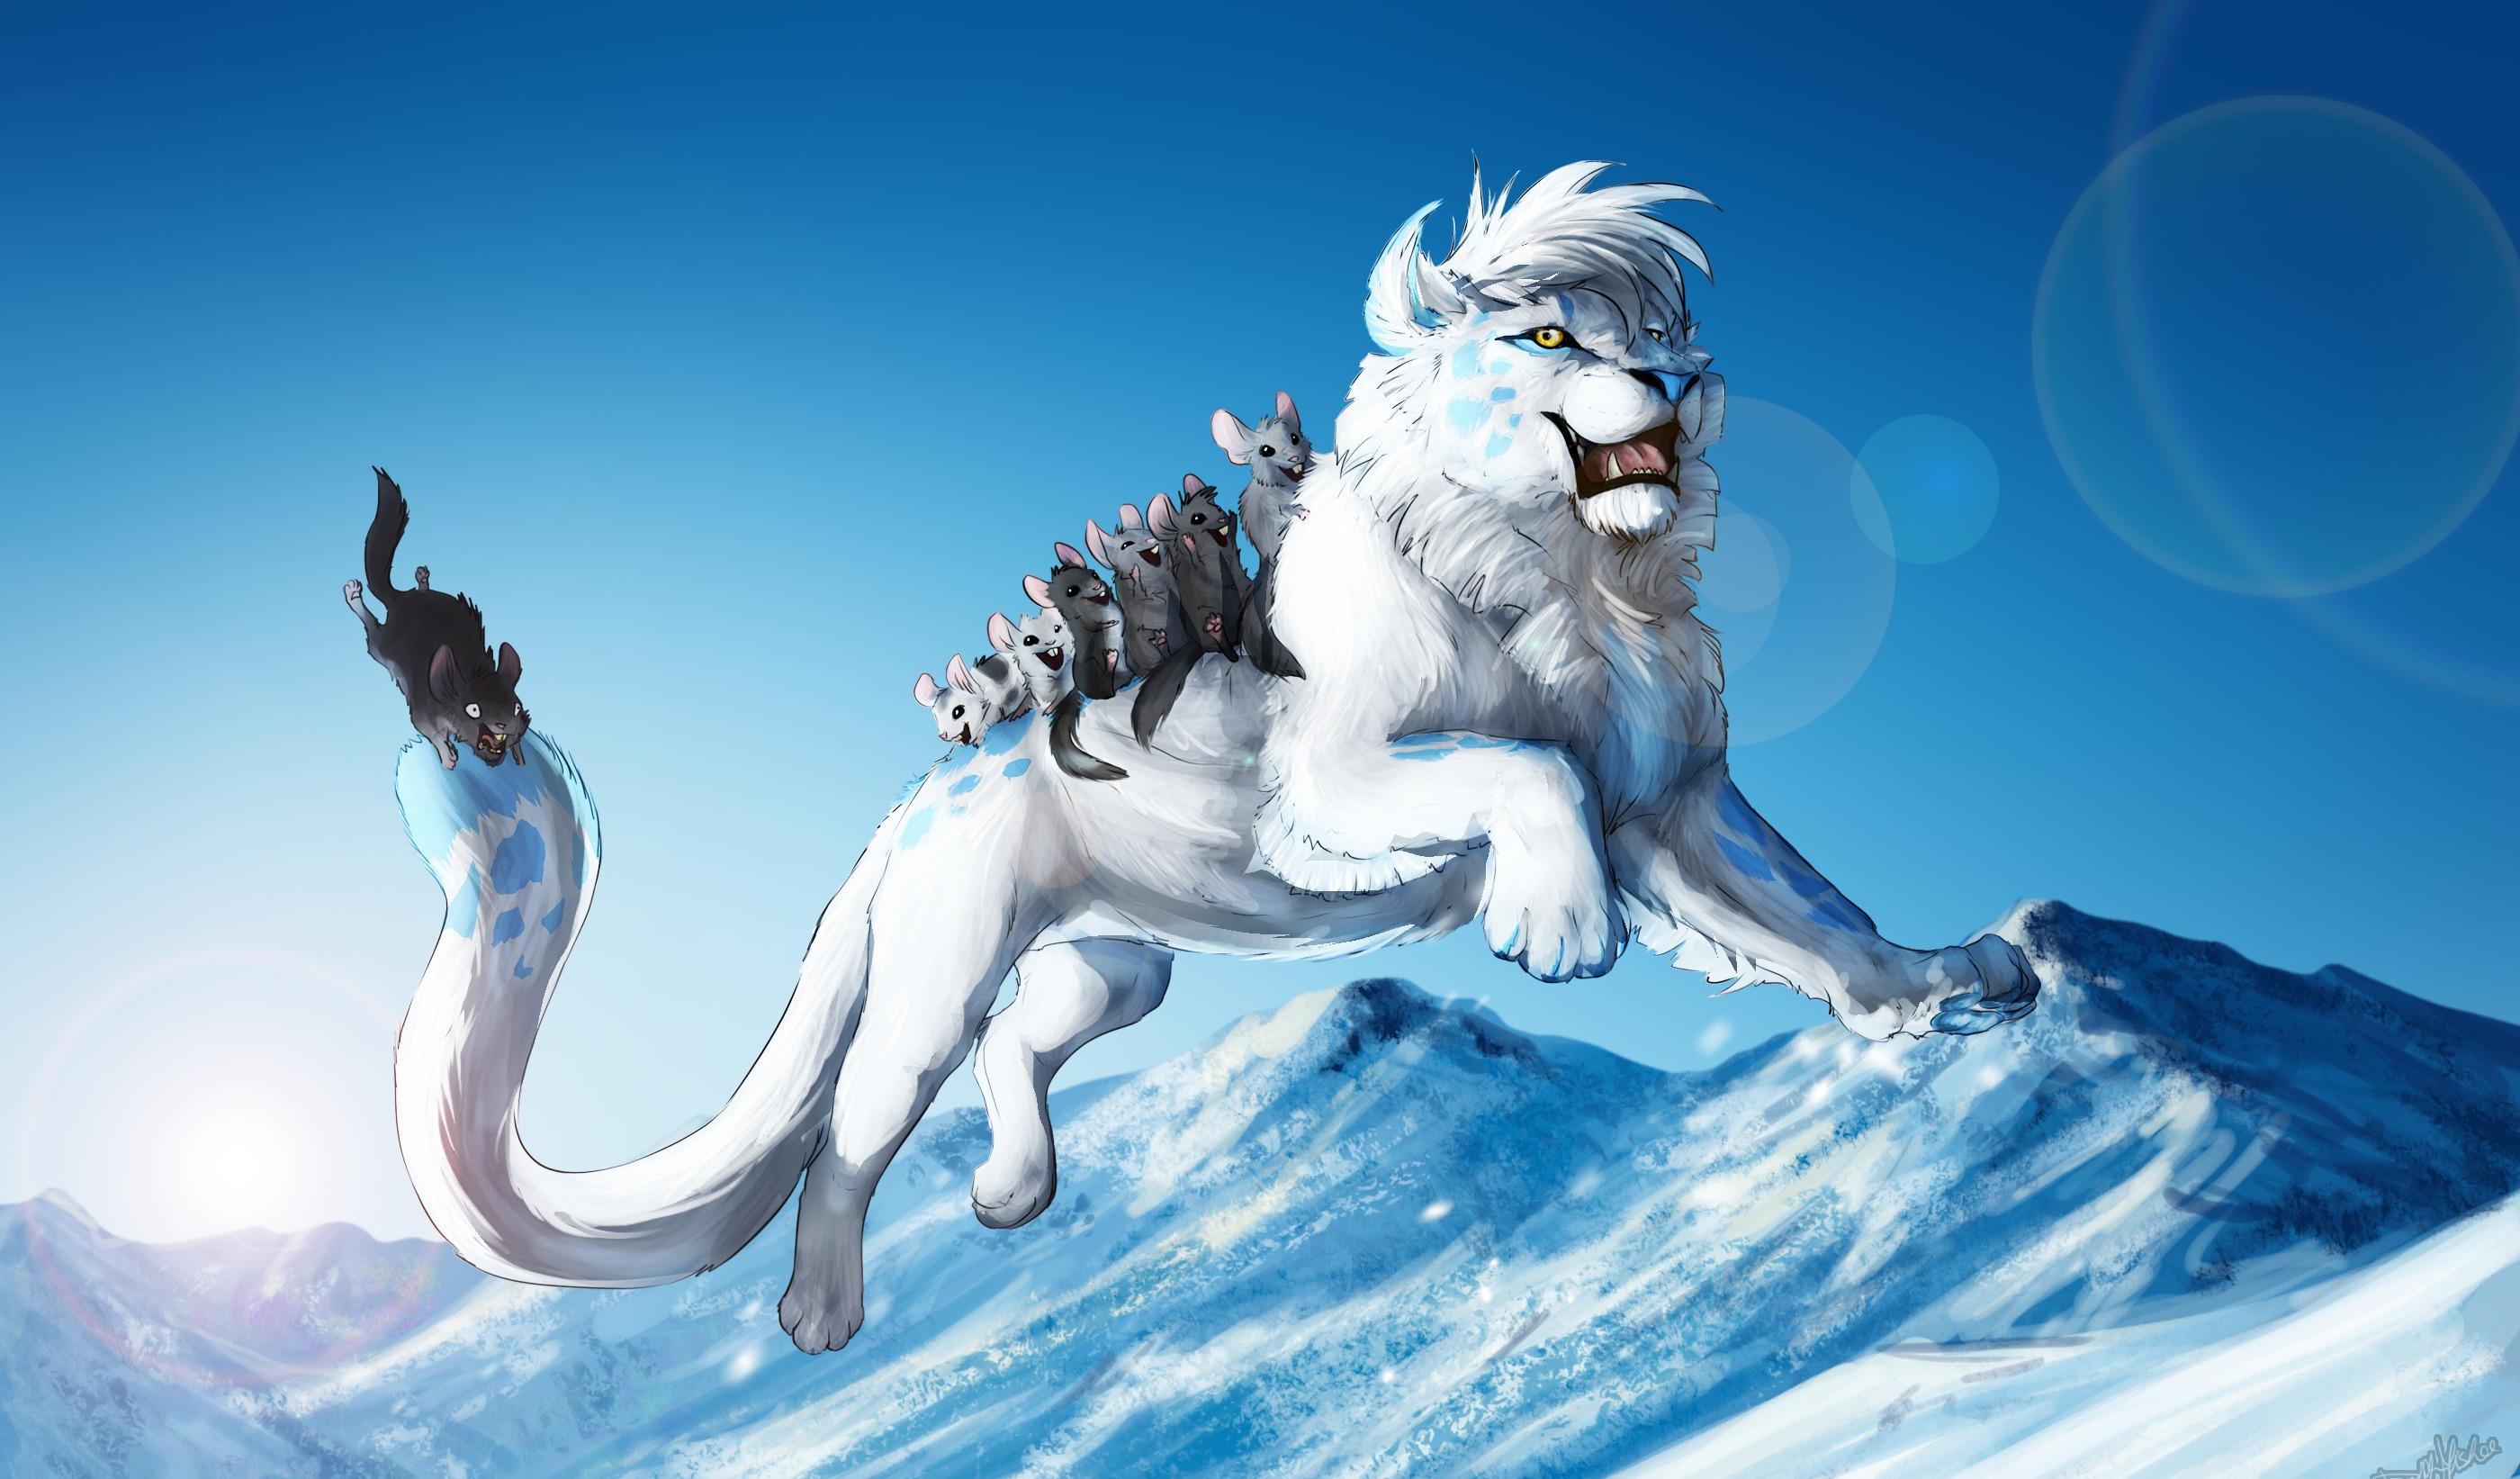 Красивые картинки зверей и животных фантастика